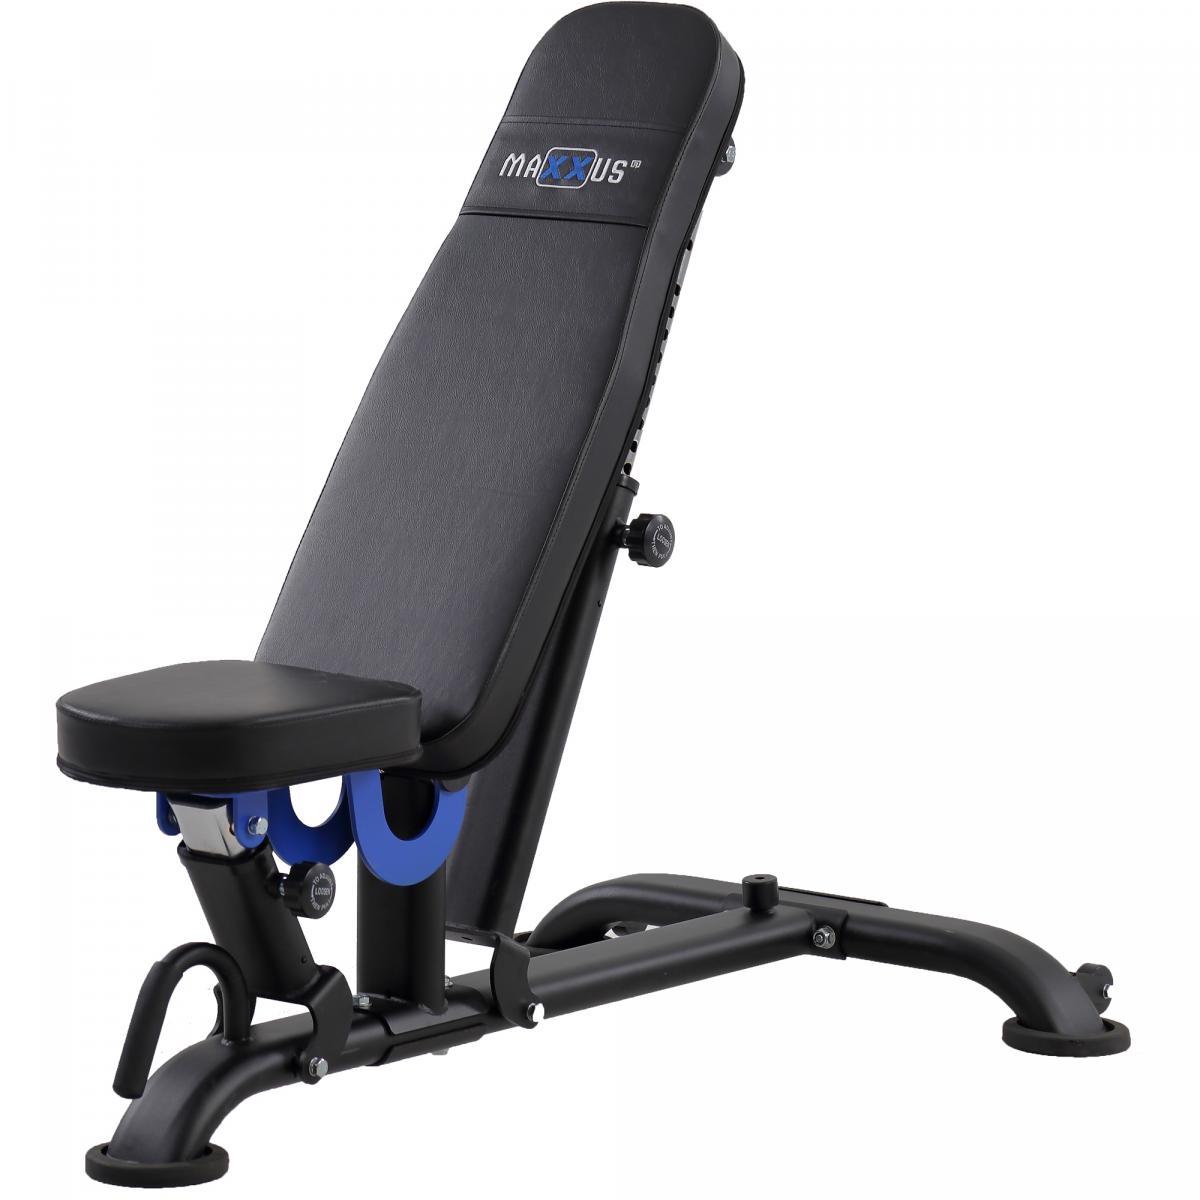 Maxxus Banc De Musculation Multi Positions Pro 600067 00019 0001